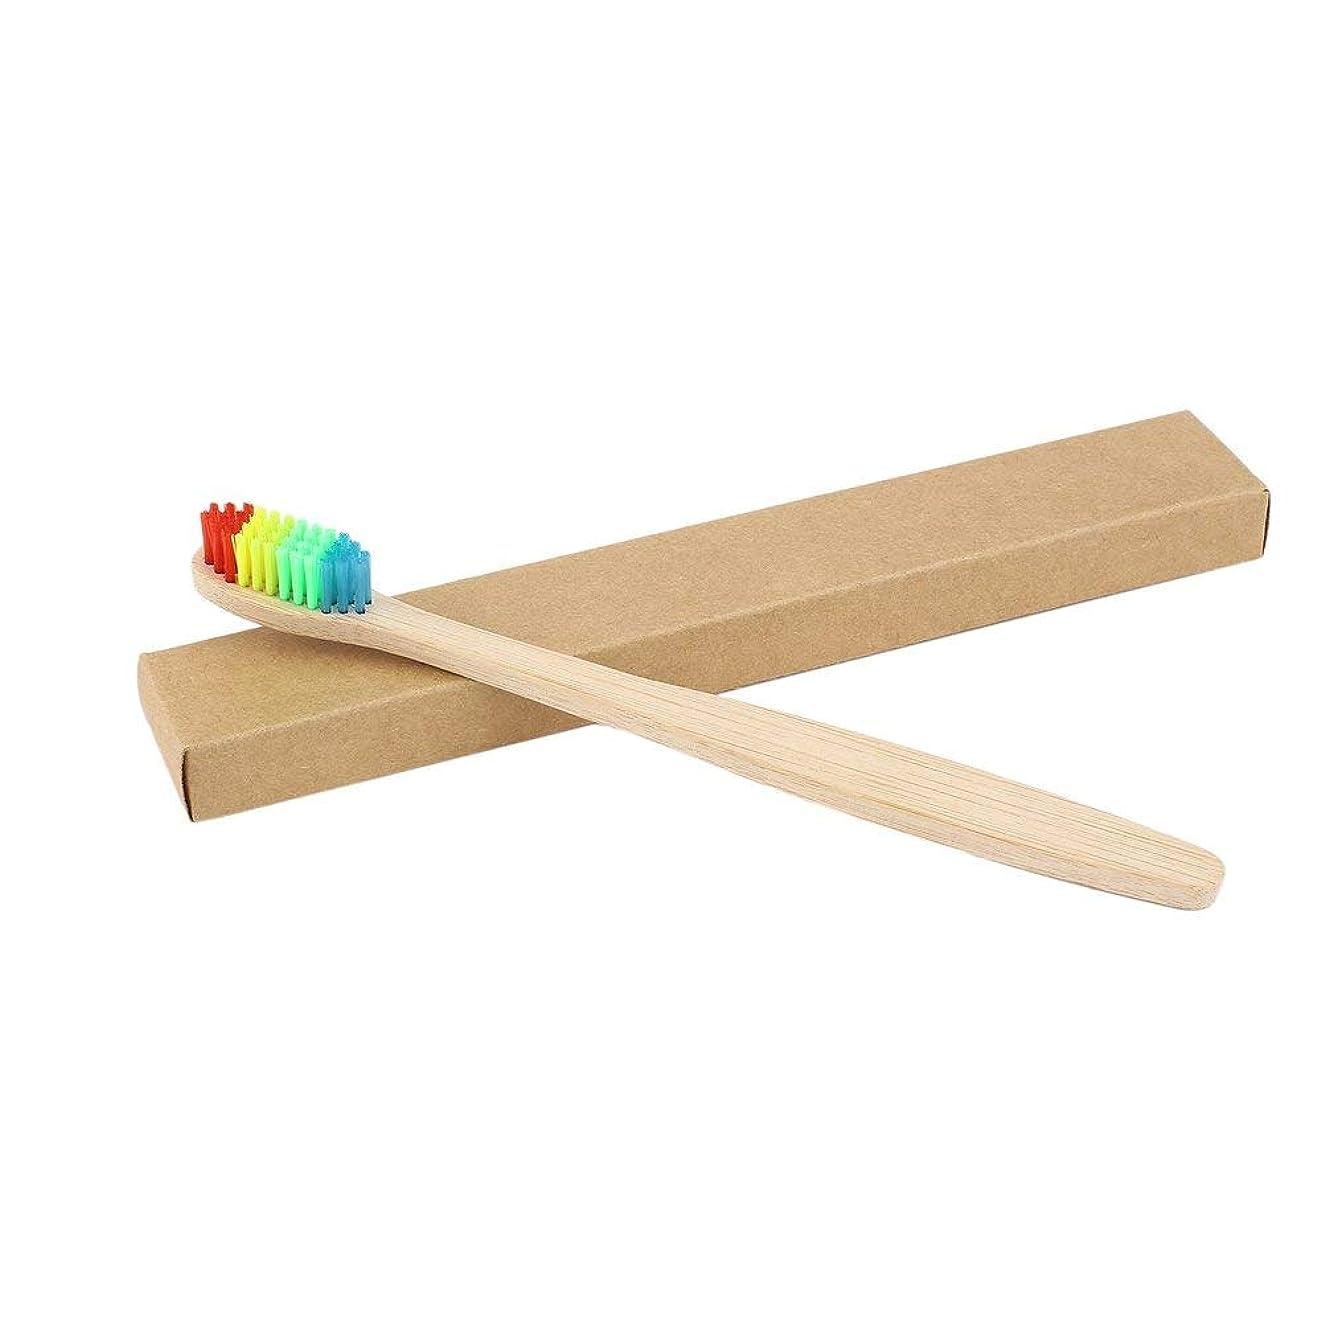 提案フットボール望みカラフルな髪+竹のハンドル歯ブラシ環境木製の虹竹の歯ブラシオーラルケアソフト剛毛ユニセックス - ウッドカラー+カラフル